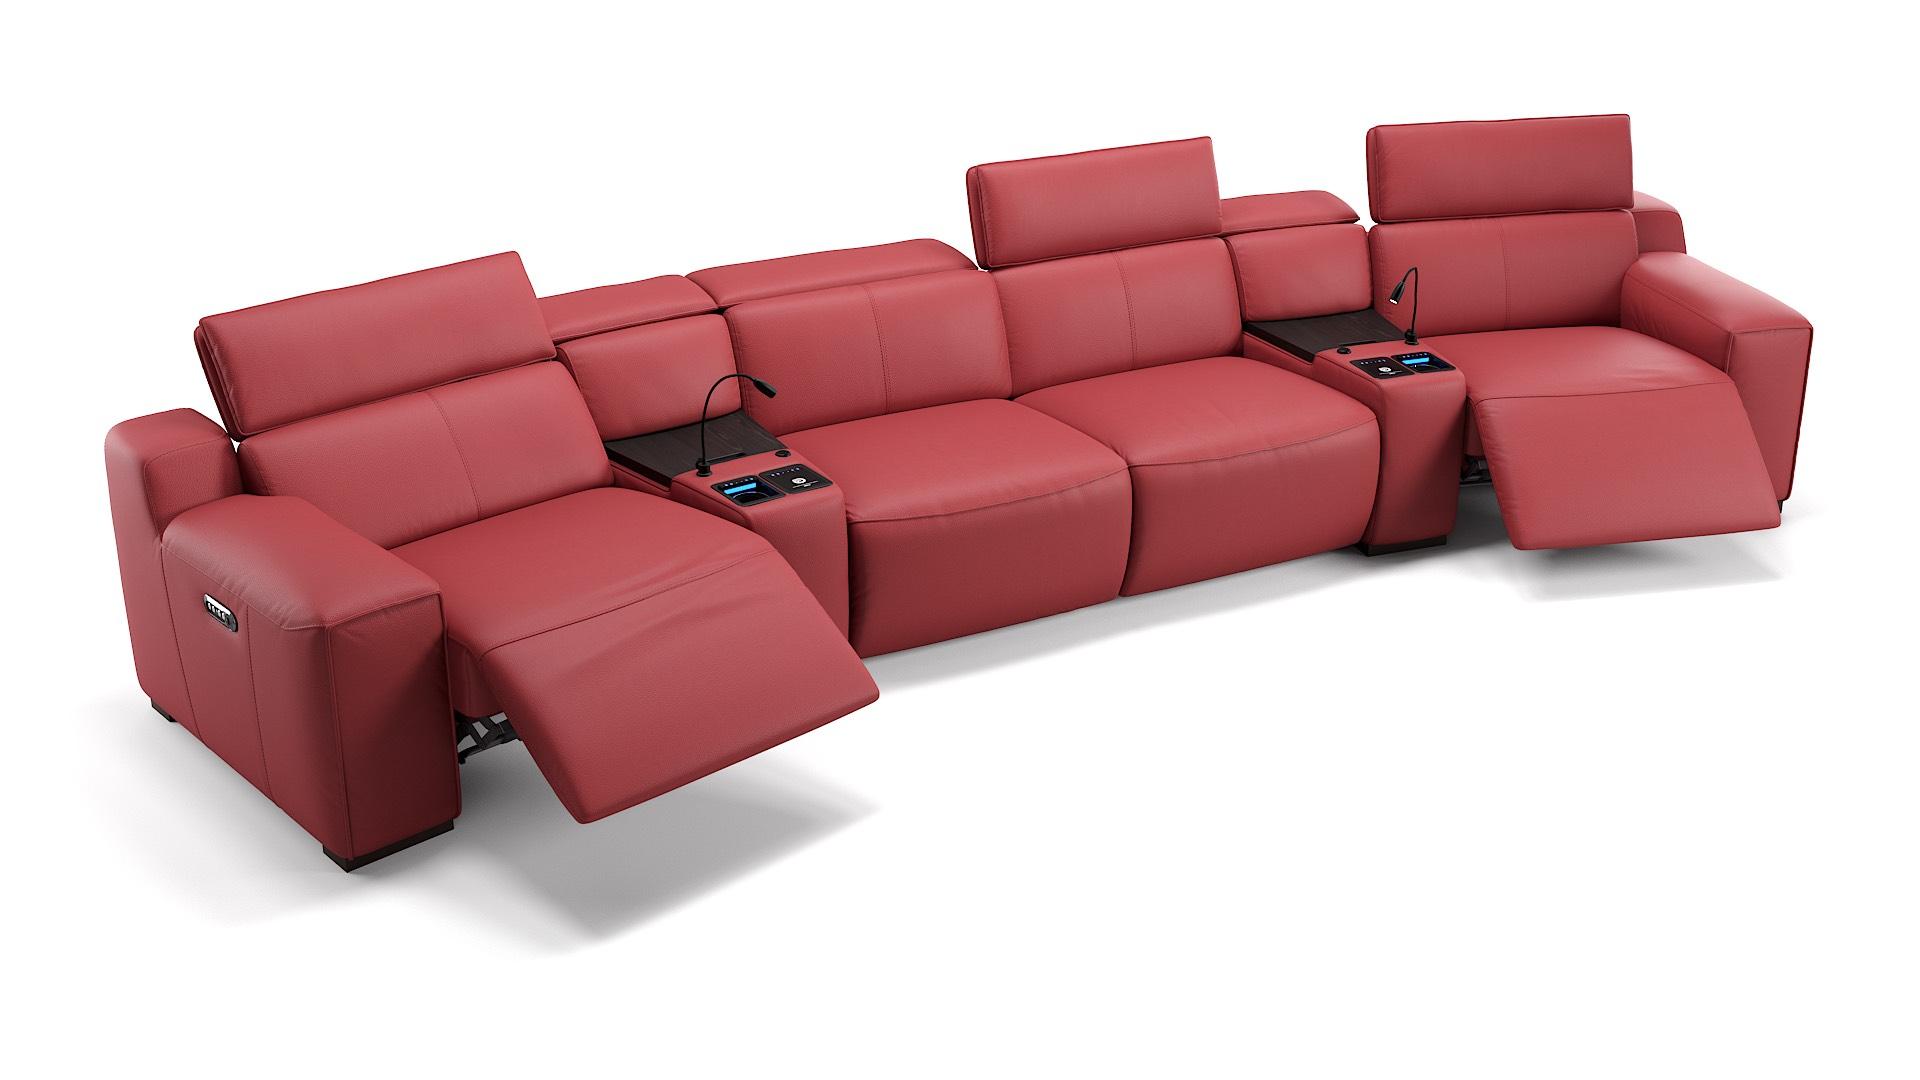 Full Size of Heimkino Sofa Musterring Xora Elektrisch Himolla 3 Sitzer Kaufen Heimkino Sofa Lederlook Schwarz Couch Test Elektrischer Relaxfunktion Relaxsofa Fernsehsofa Sofa Heimkino Sofa